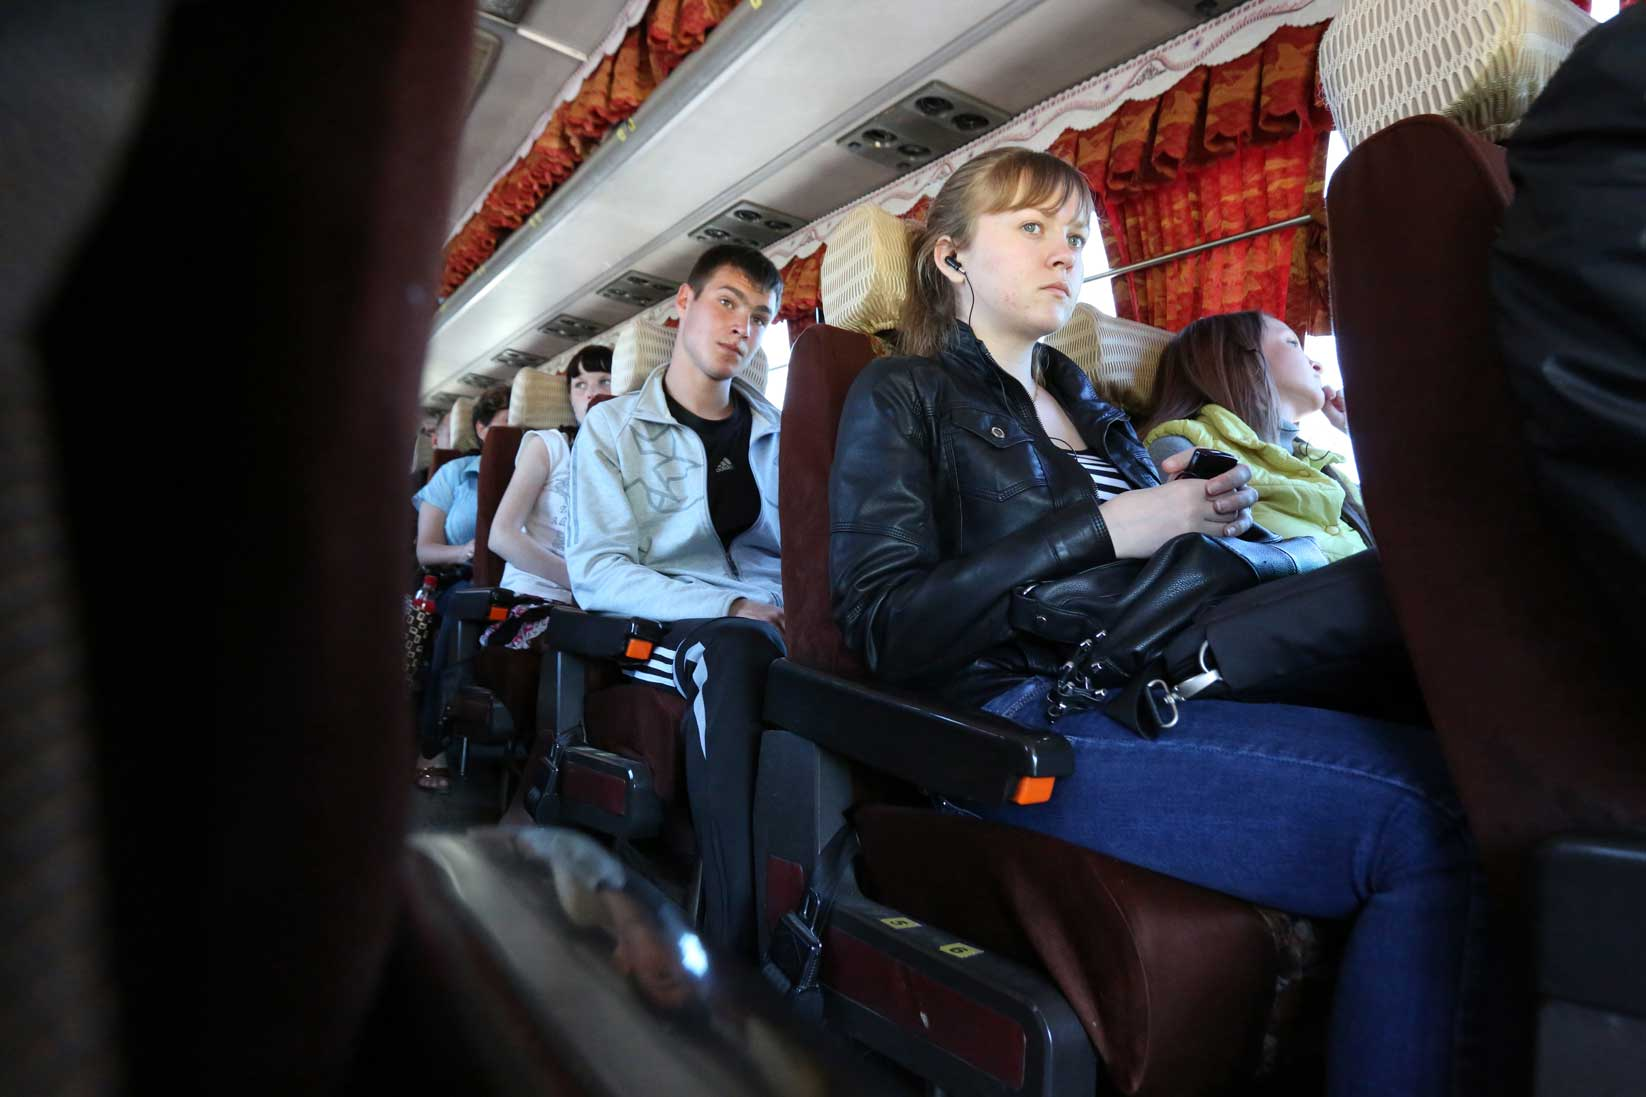 国境を越えるとこんなに風景が違うのか!?【中国からバスで行くウラジオストク(後編)】_b0235153_18501440.jpg